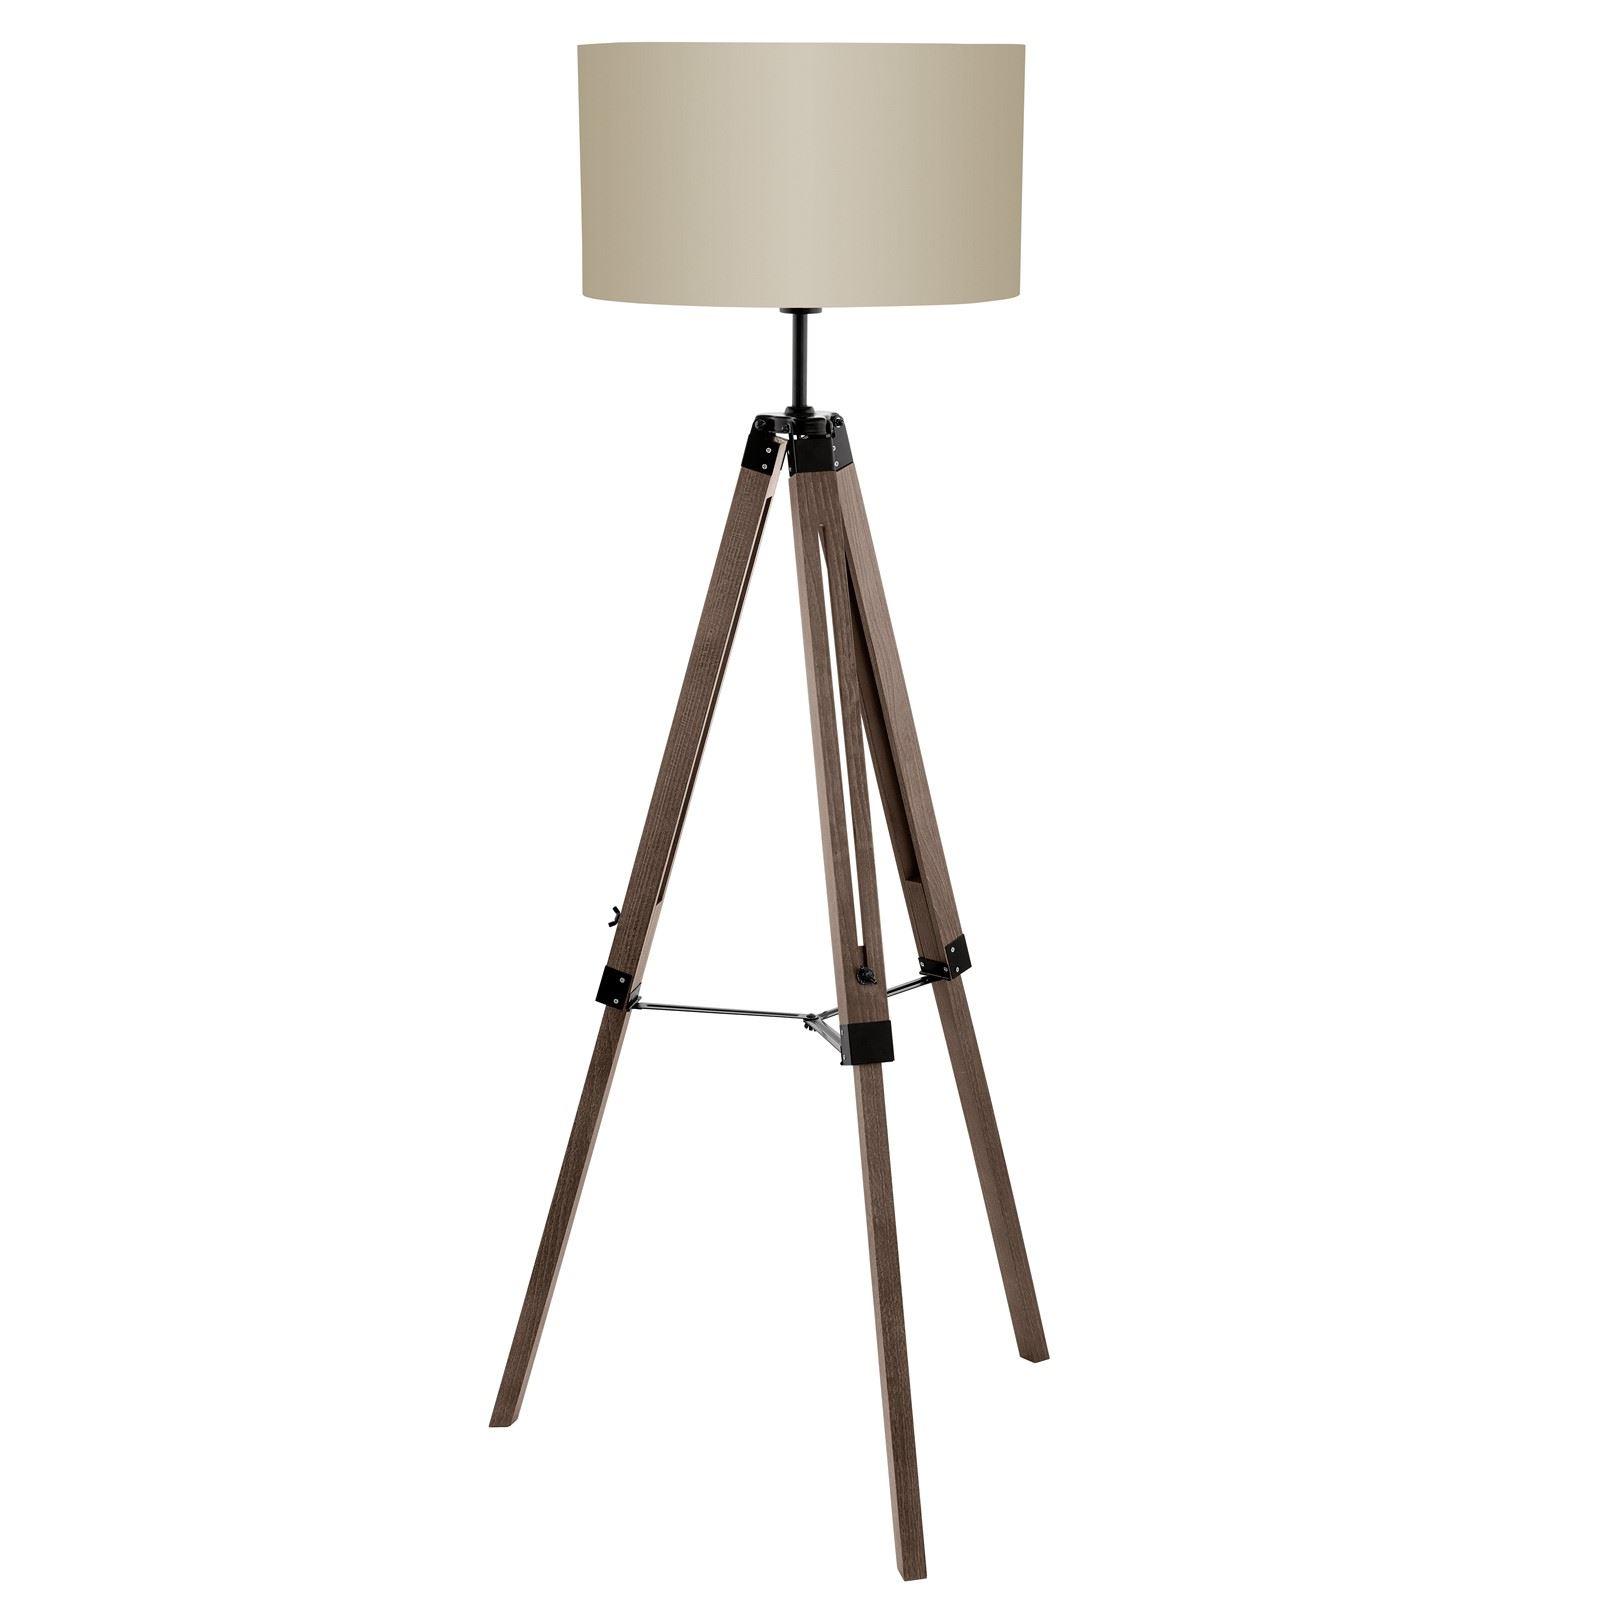 Lantada Floor Lamp Wood Steel 1 Light Fabric Taupe Shade